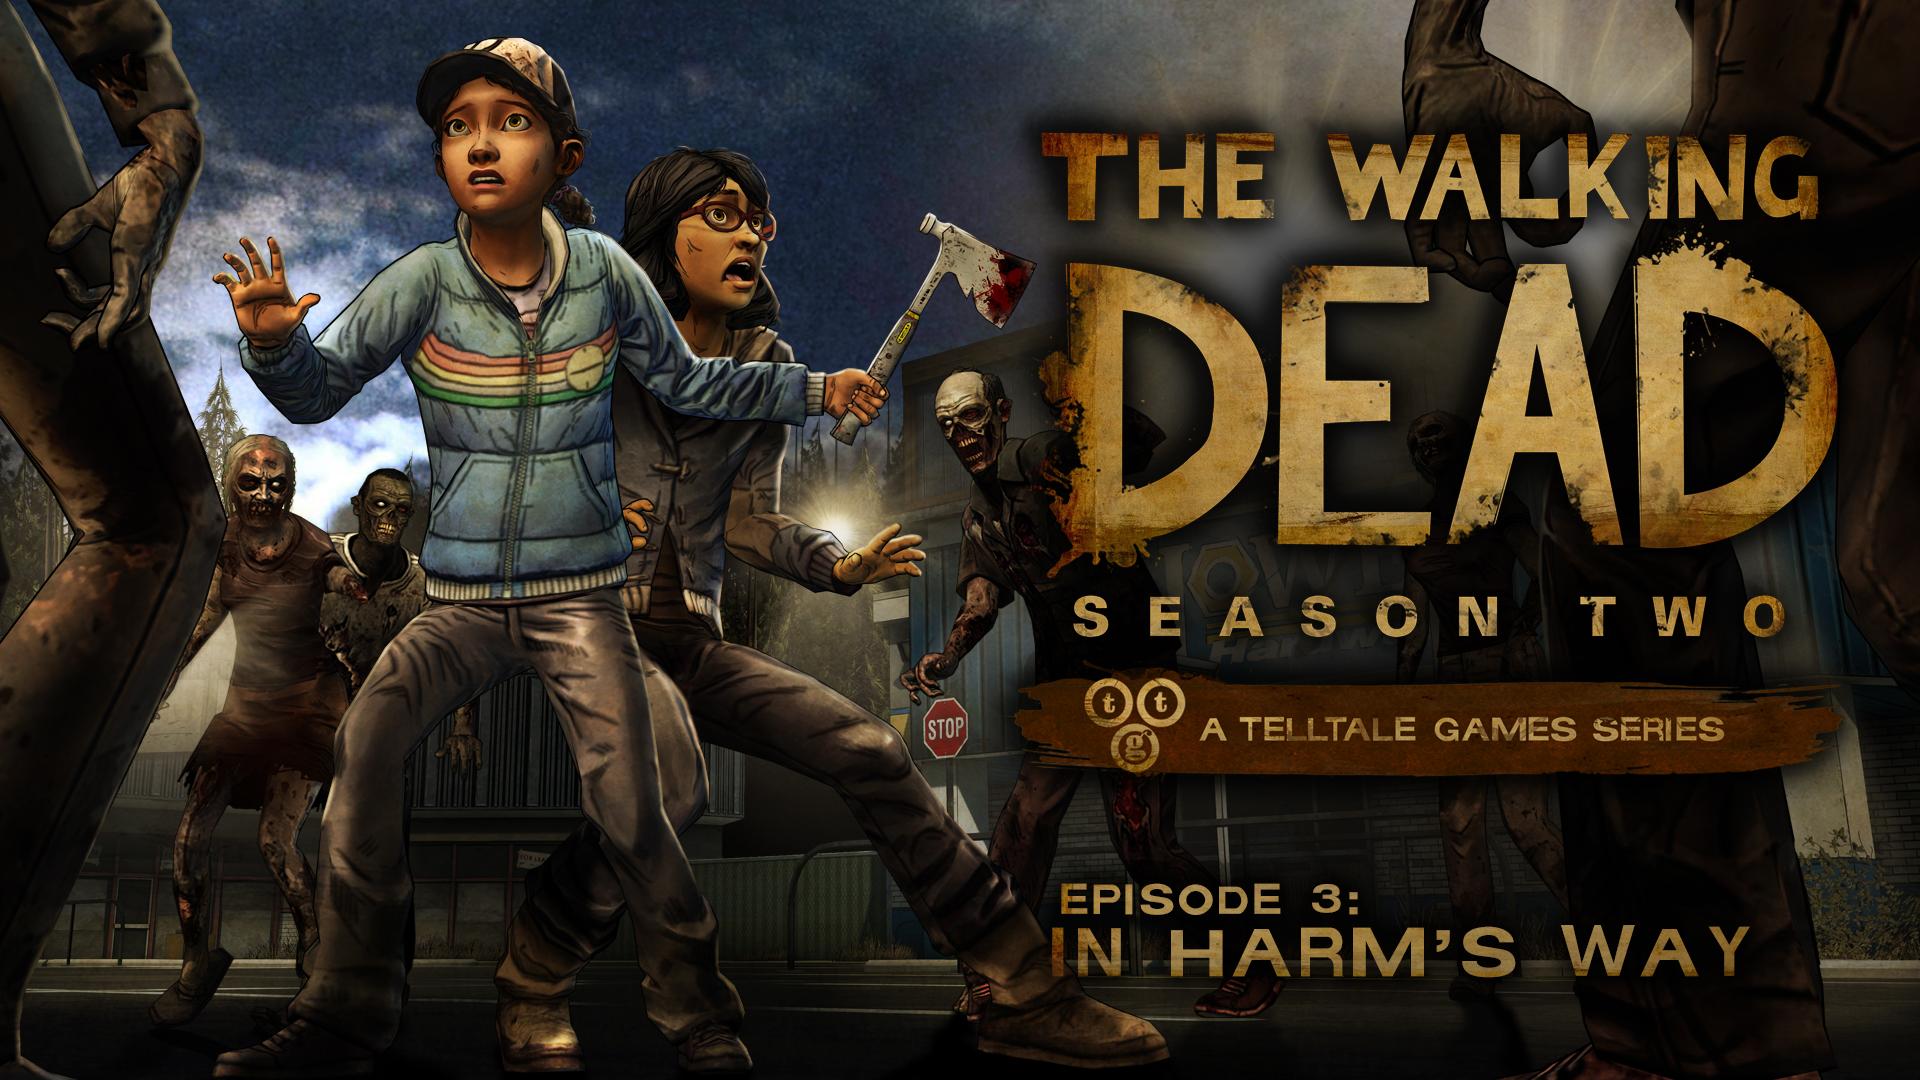 The Walking Dead: Season 2 Gets XBLA Release Date - IGN